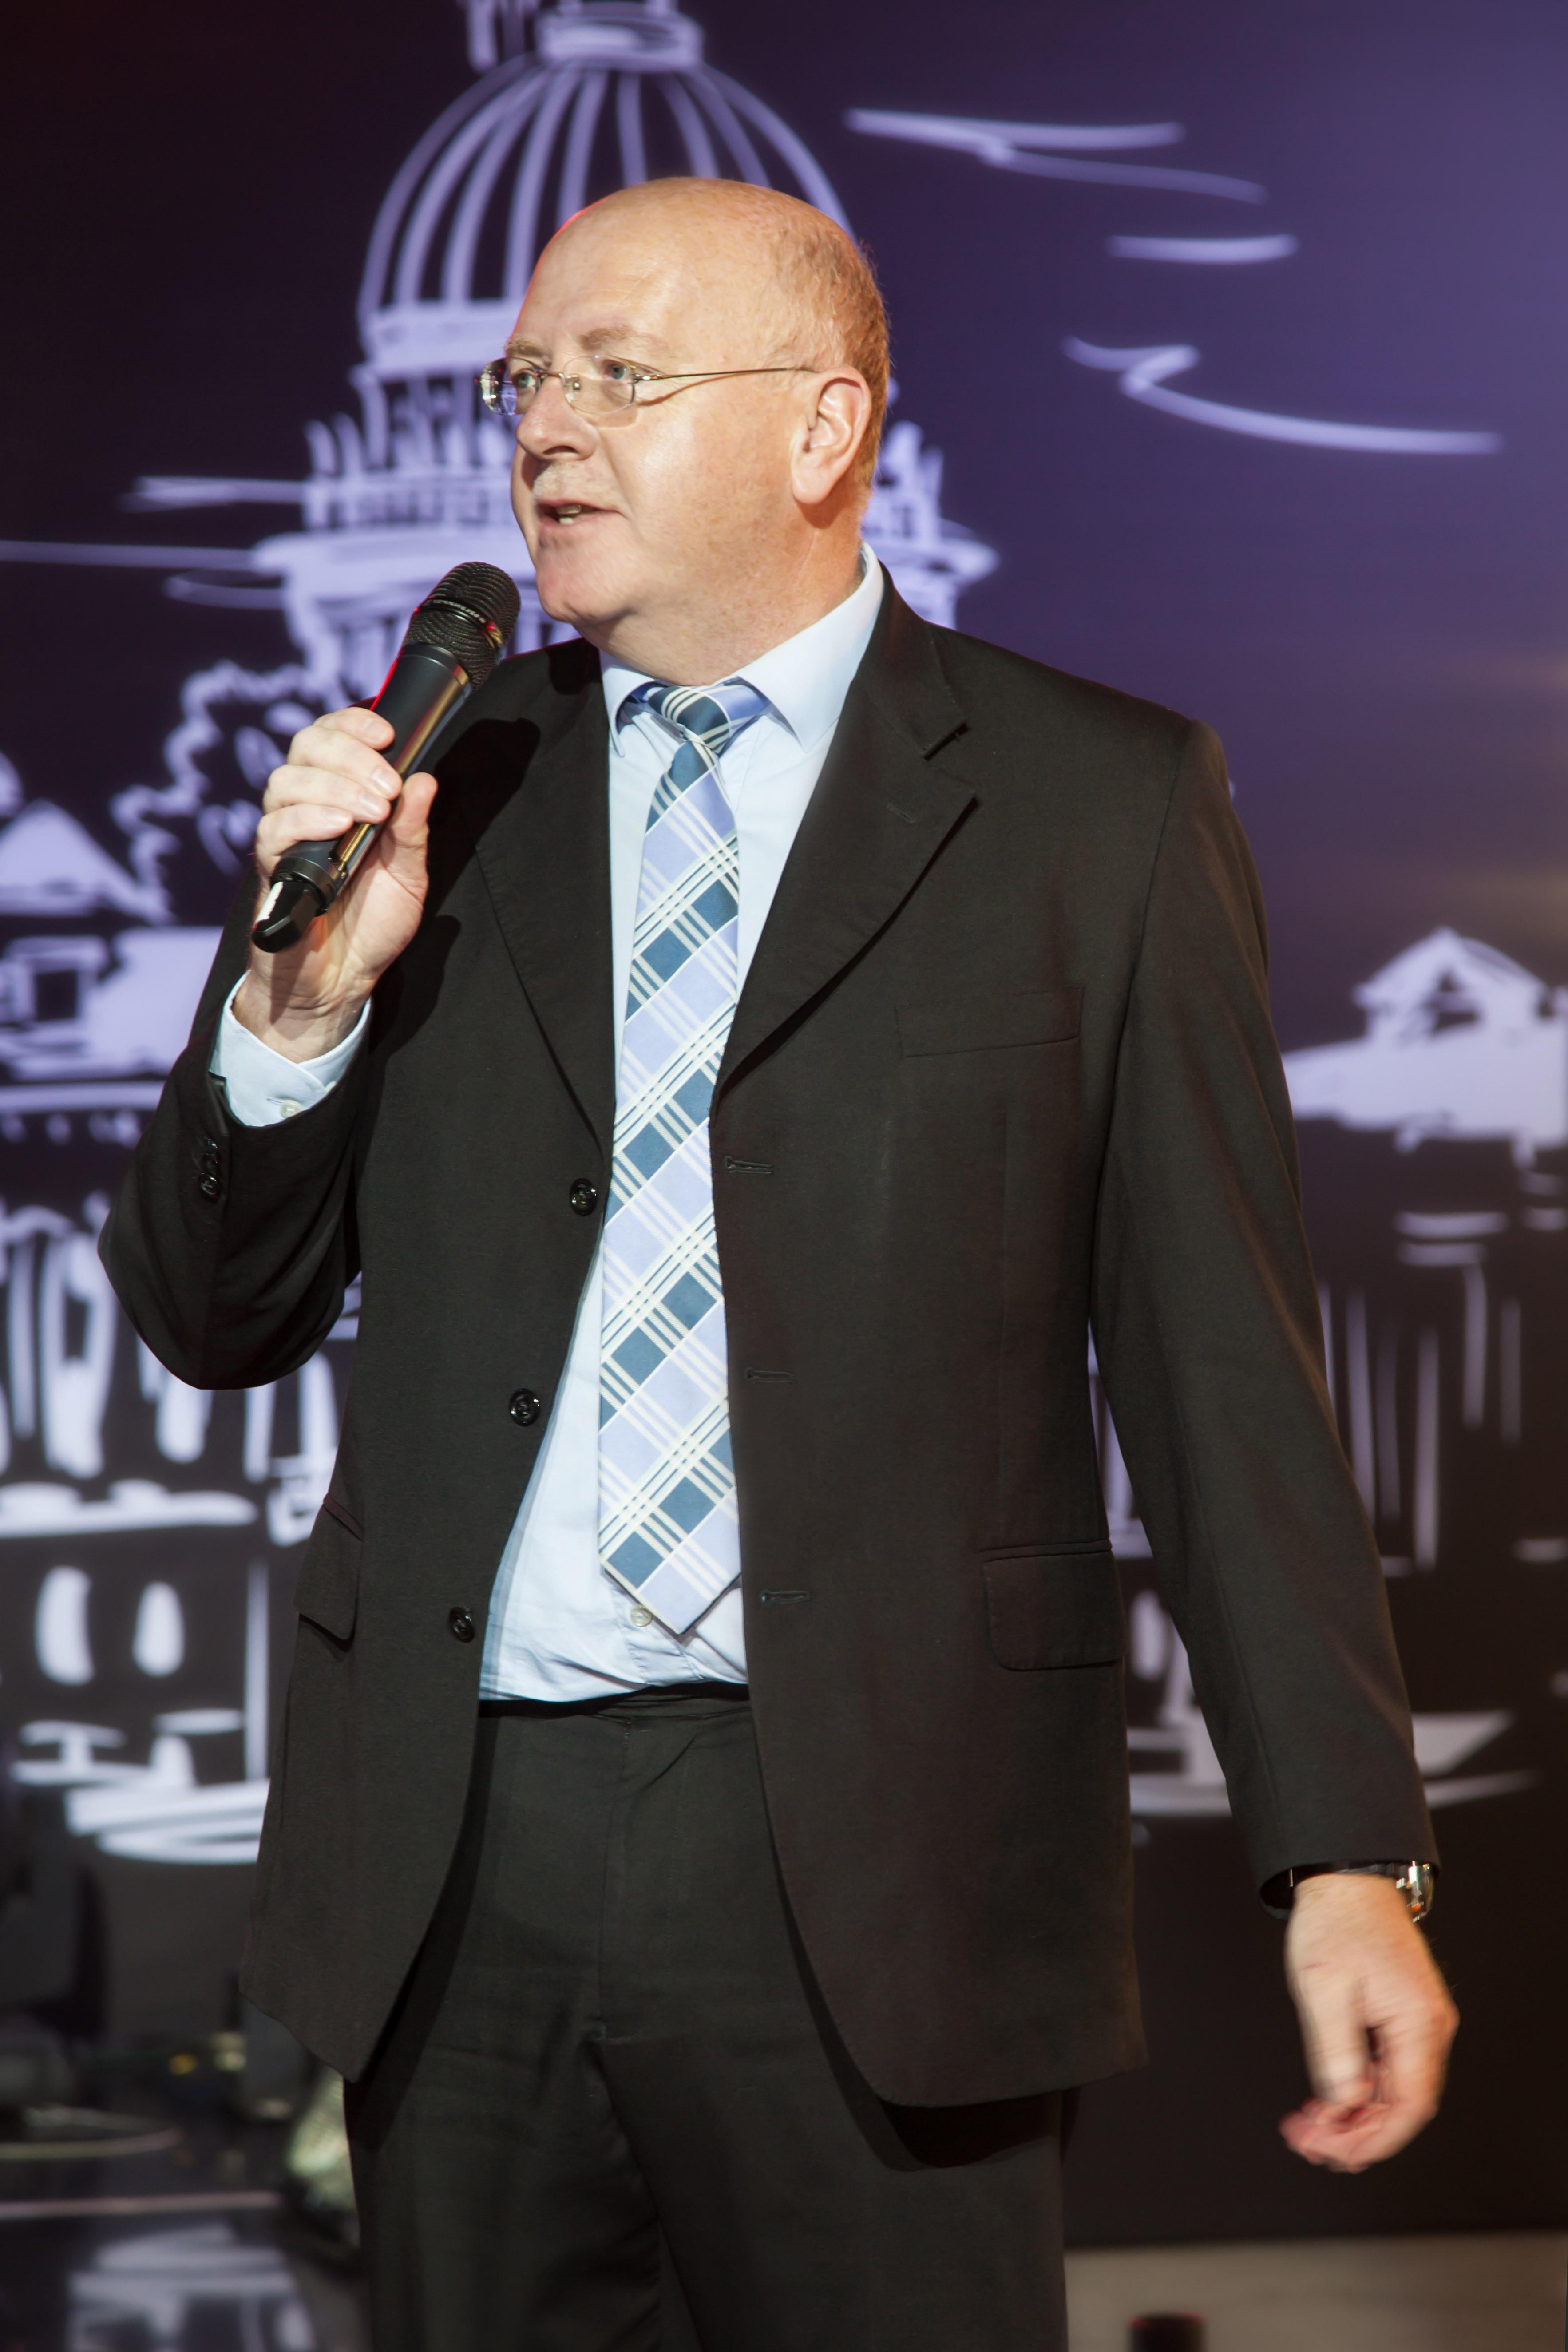 Александр Николаевич Морозов, Заместитель министра промышленности и торговли Российской Федерации